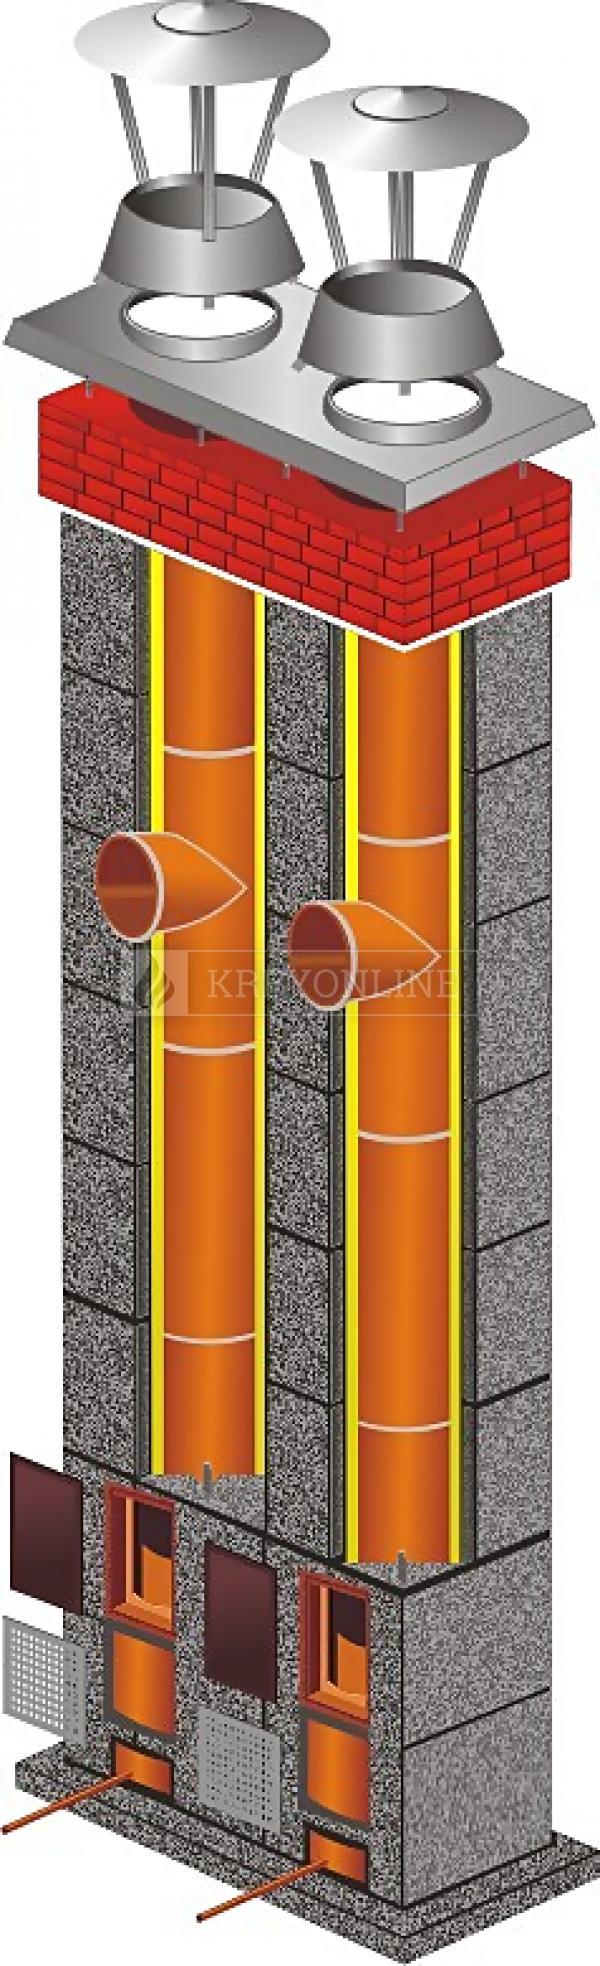 Stadreko - Dvojprieduchový komínový systém s vatou Ø 180 / Ø 160 krbyonline